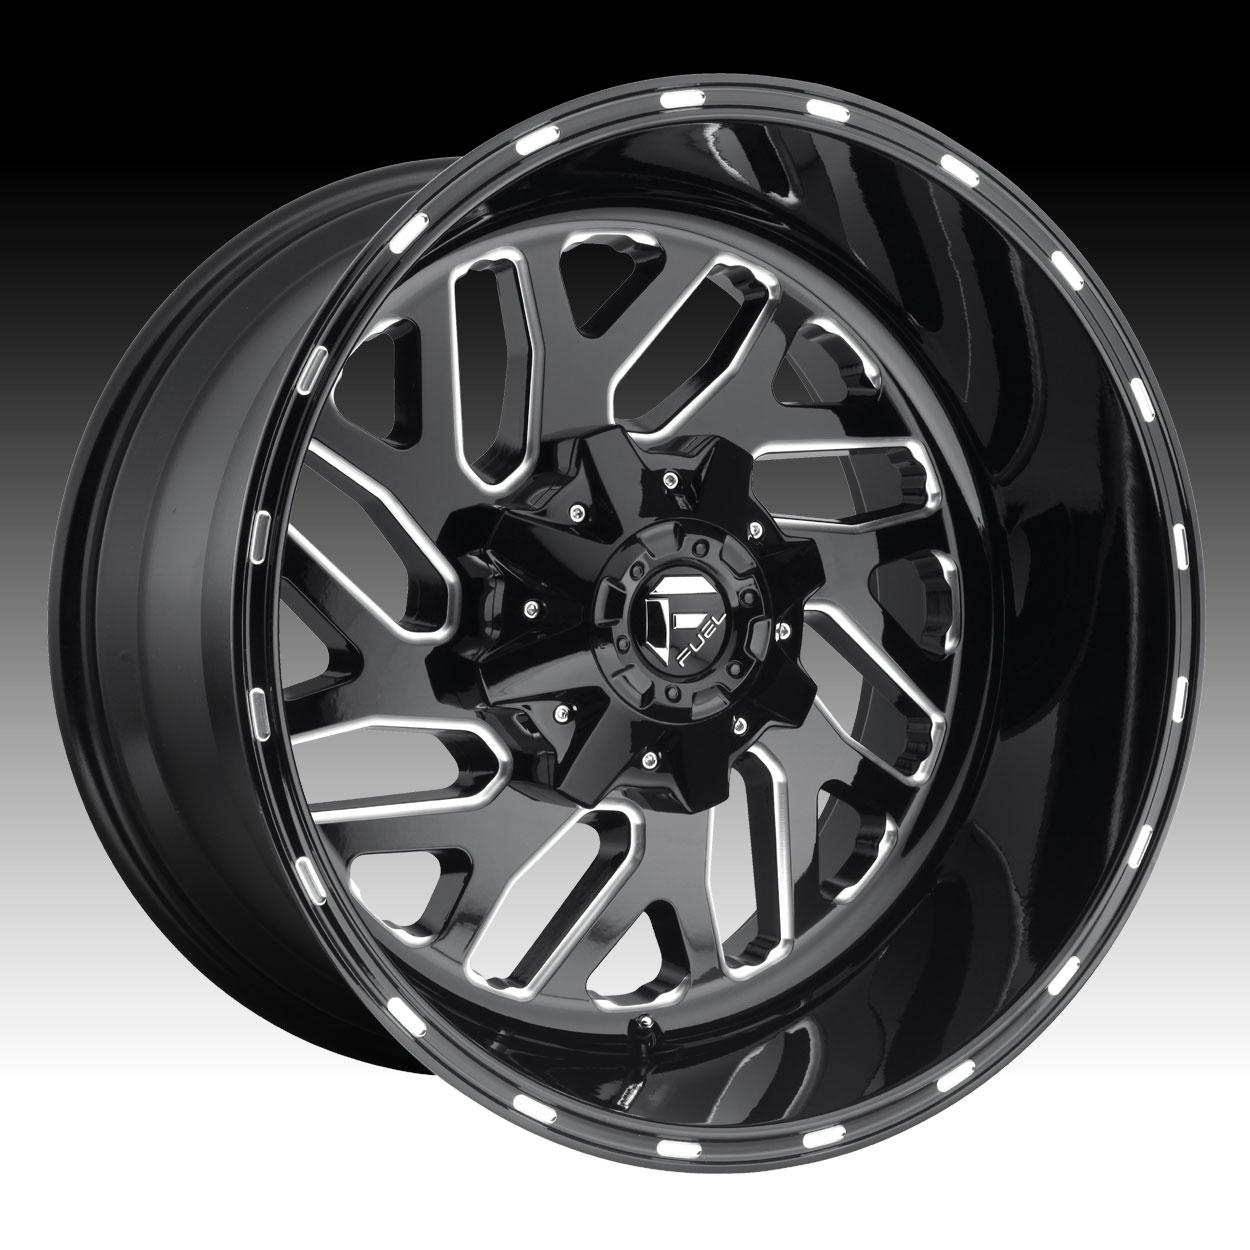 Fuel Triton D581 Gloss Black Milled Custom Truck Wheels